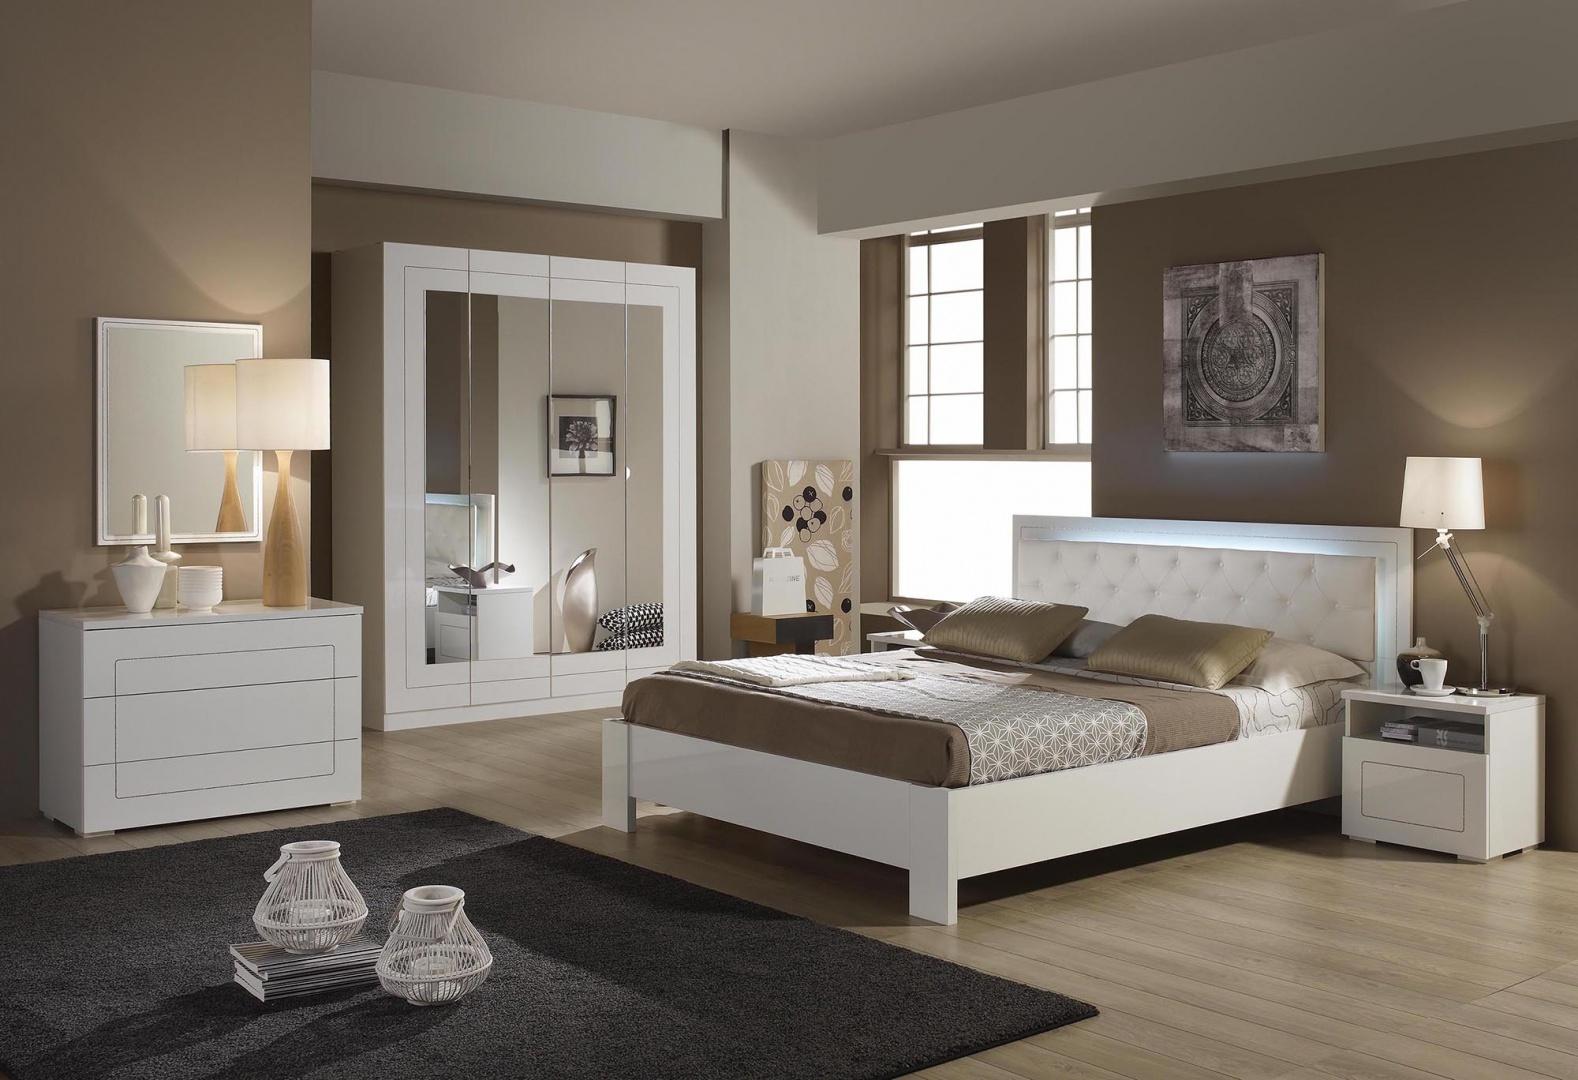 ALASKA современная спальня 101373